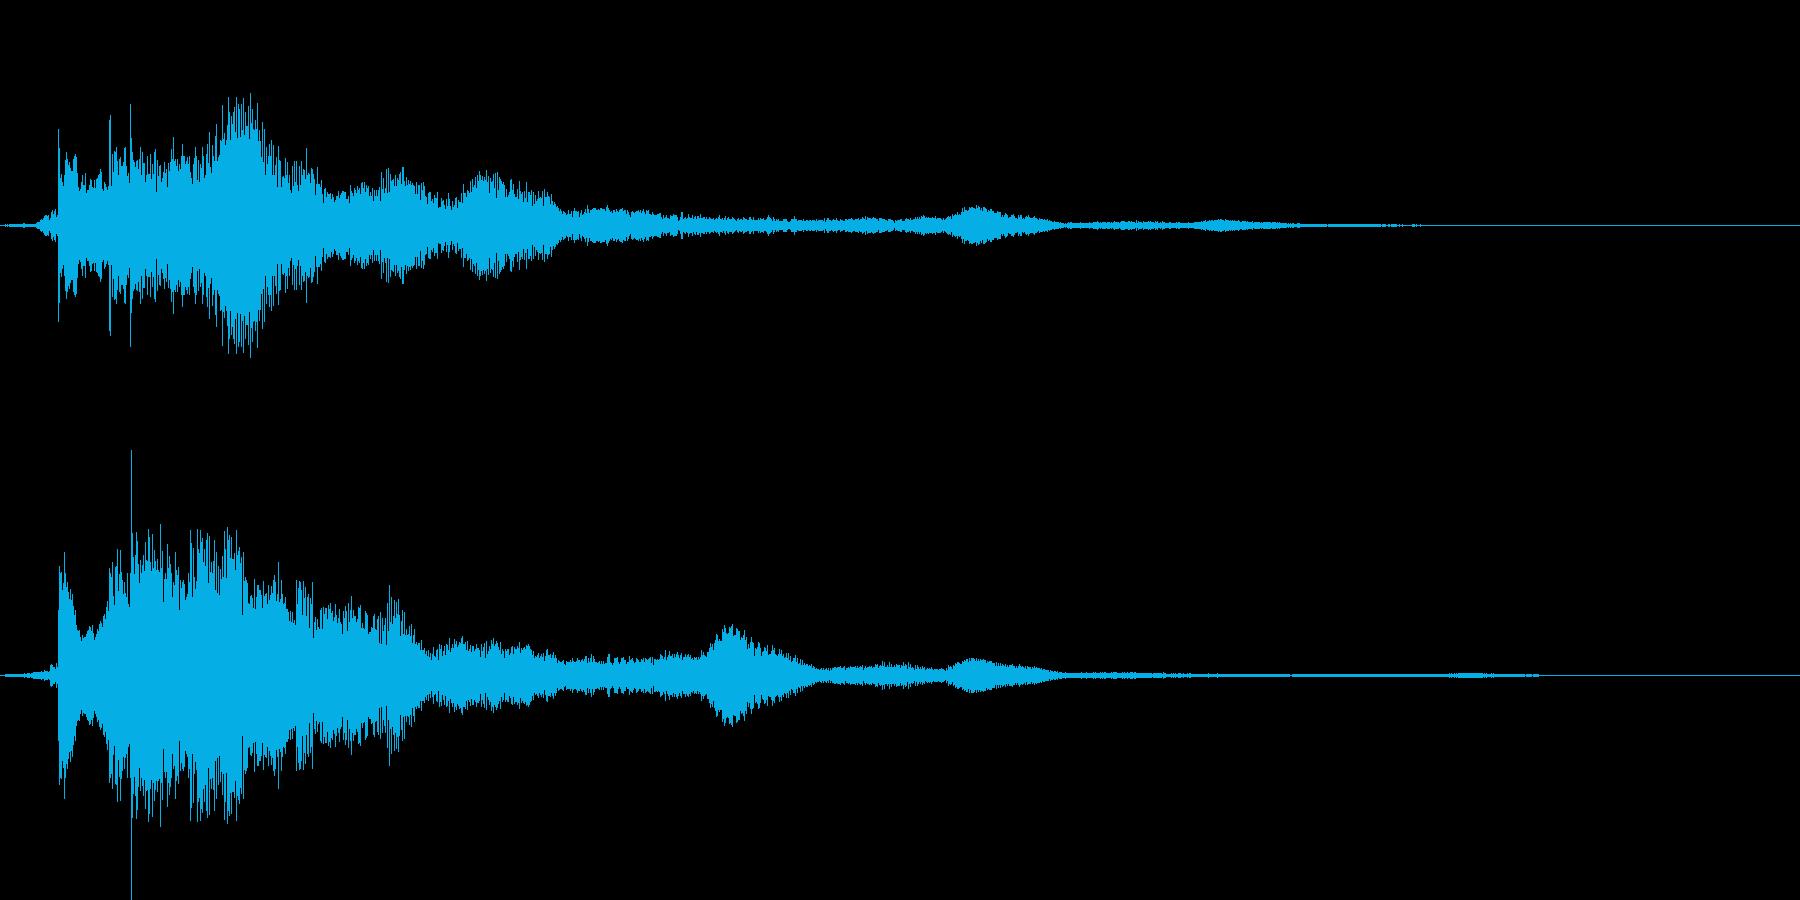 キラキラ → シュワーなアプリ決定音の再生済みの波形